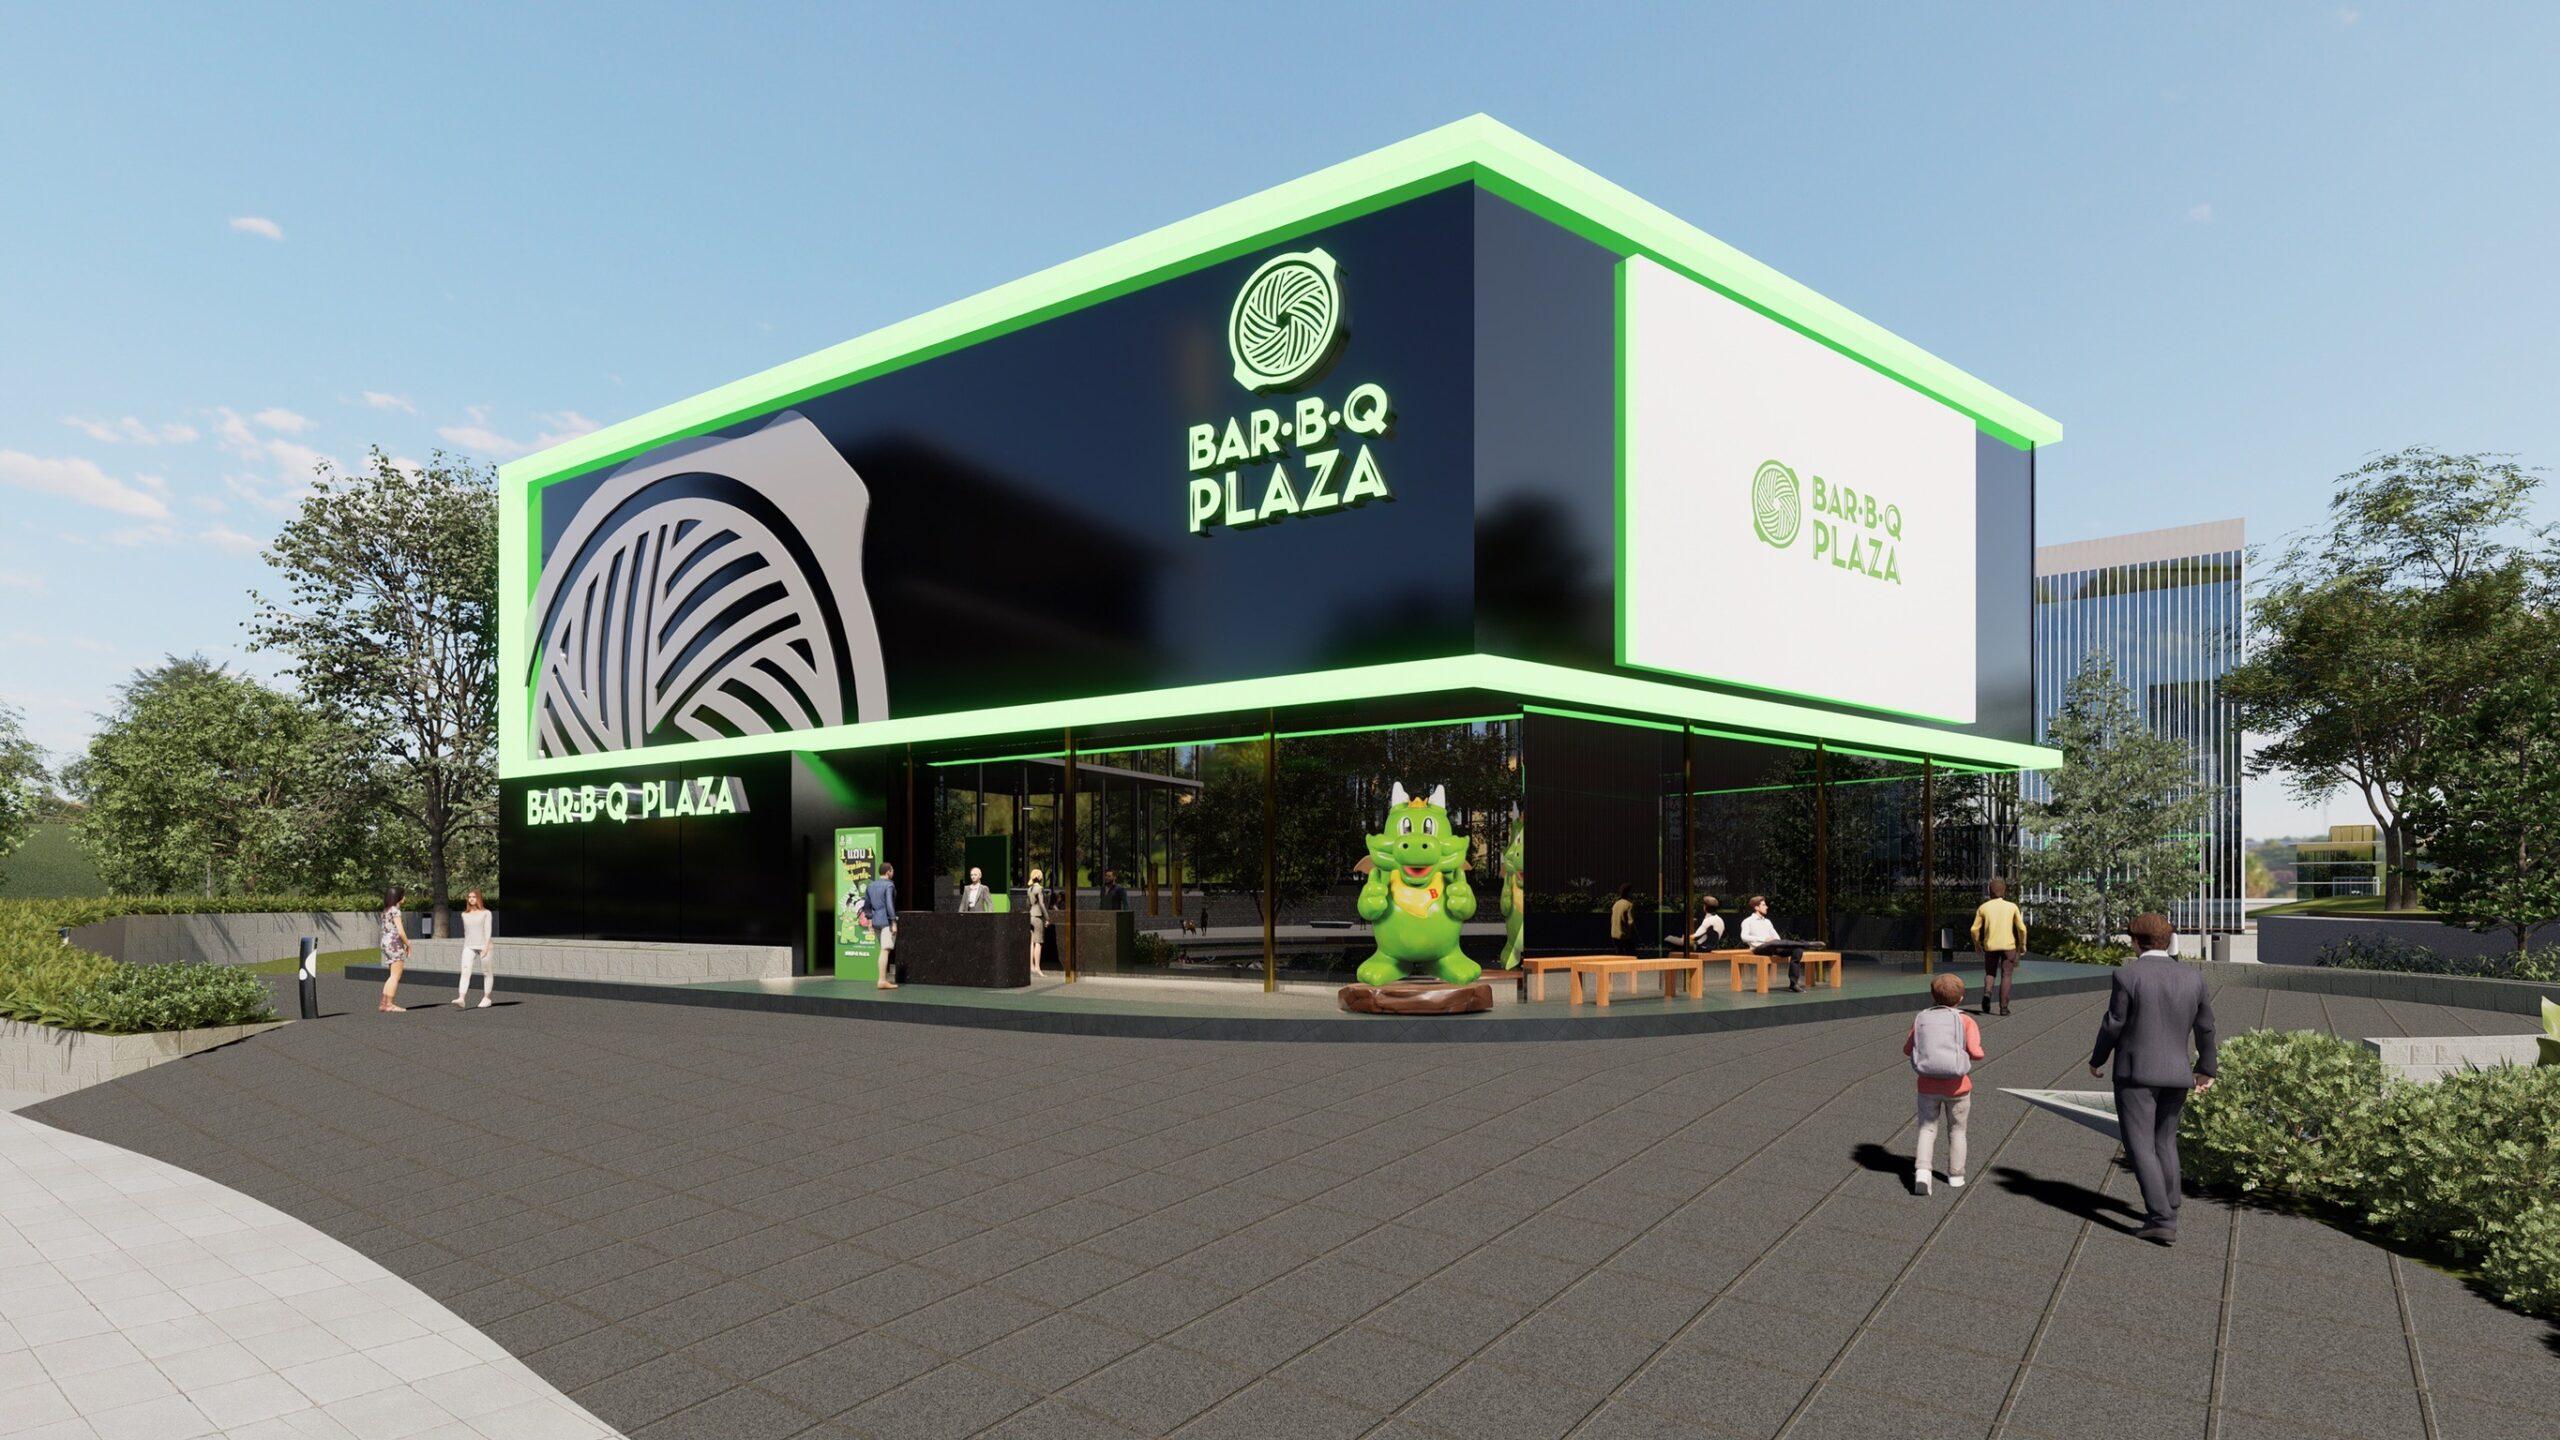 ฟู้ดแพชชั่น ผนึก เอไอเอส เปิดตัว Bar B Q Plaza Virtual Restaurant – ธุรกิจ